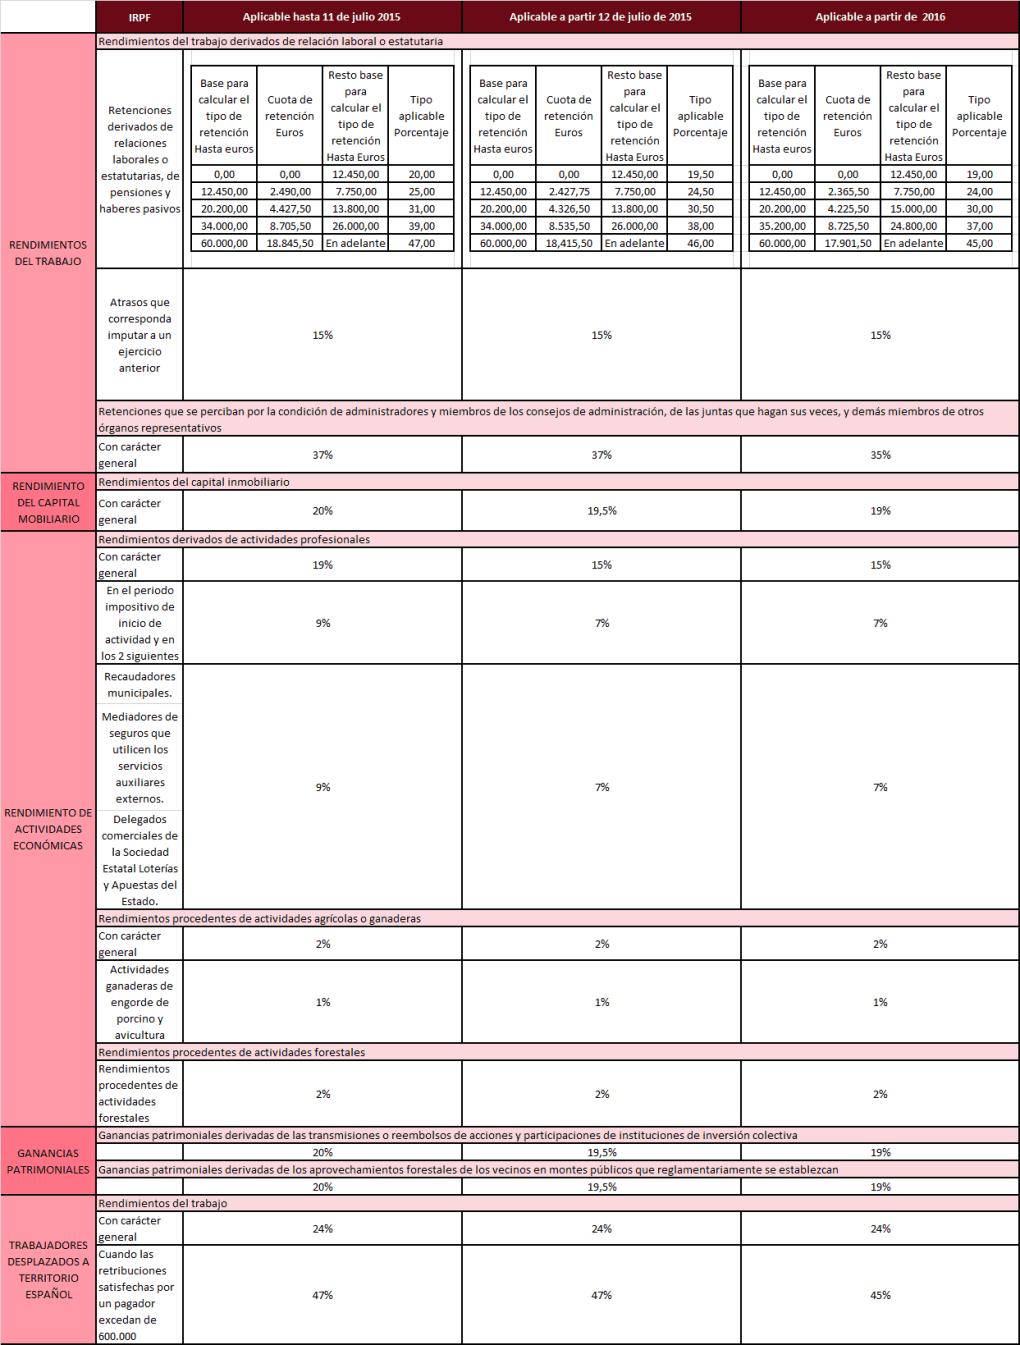 Cuadro de retenciones IRPF - IS - IRNR 2016